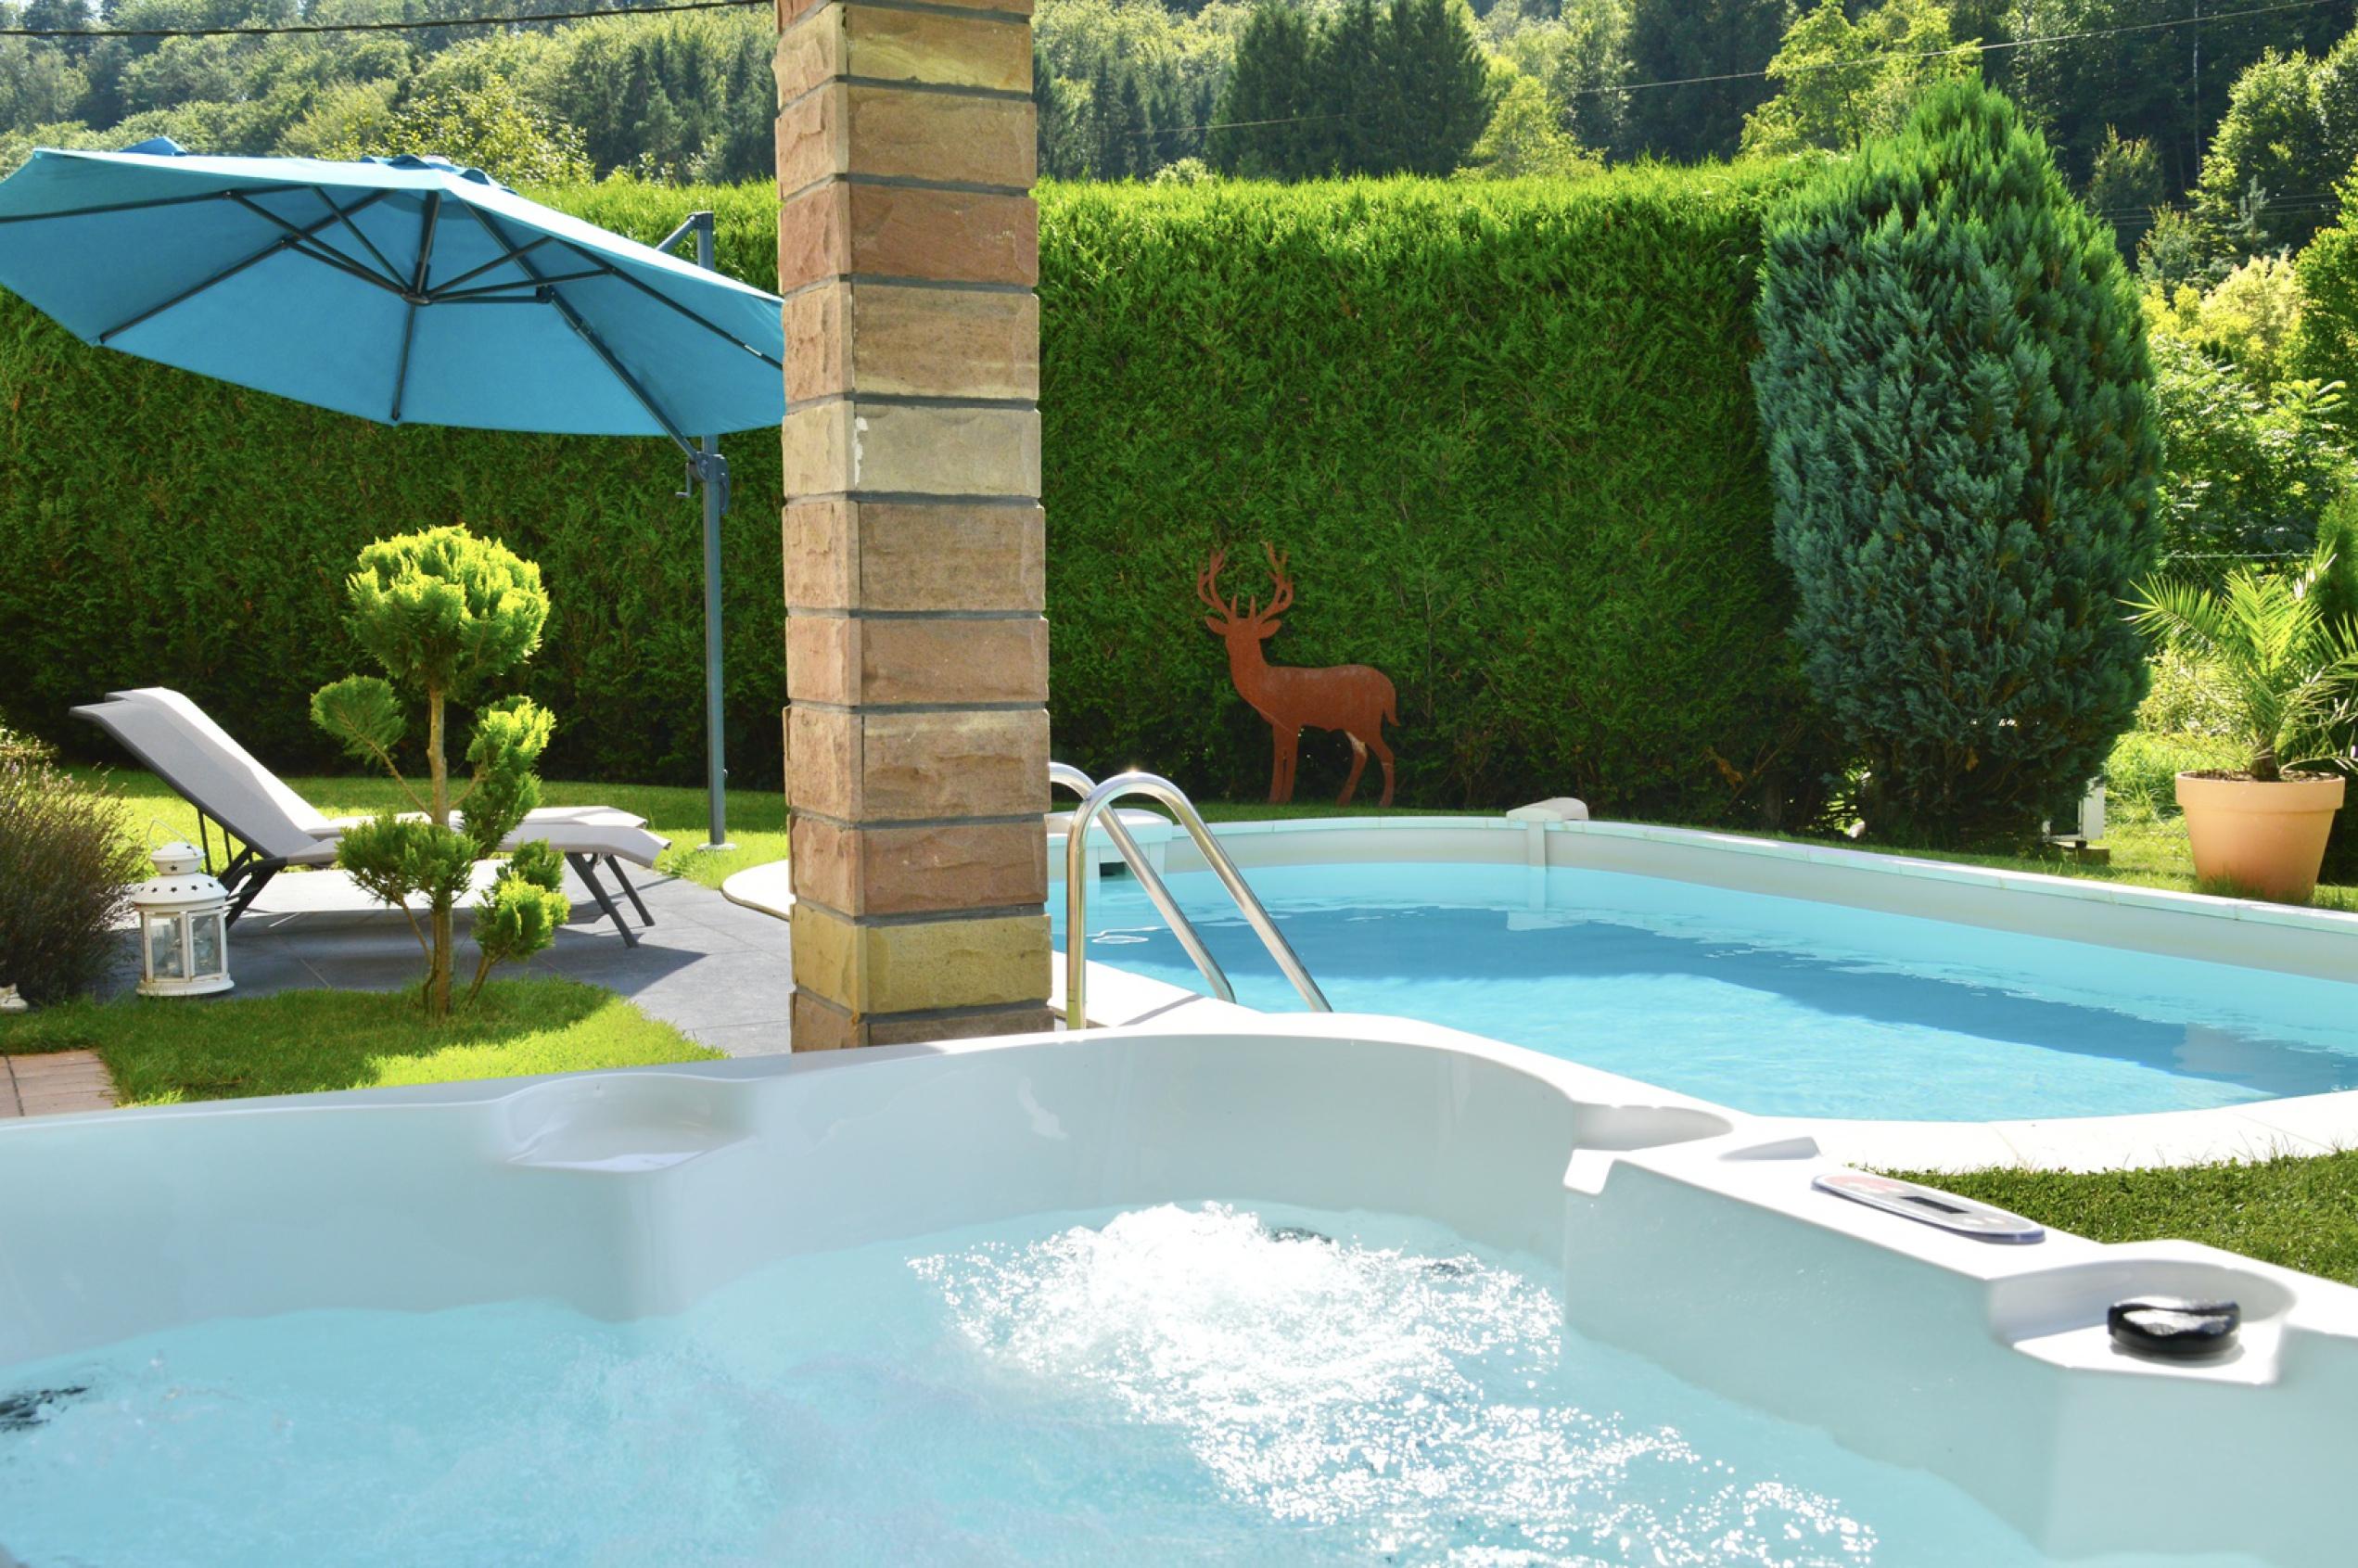 Gite dans les Vosges du Nord Alsace Moselle à Sturzelbronn avec Piscine privée, proche de Bitche et Niederbronn. Ferienhaus mit pool Elsass, Vakantiehuis Noordelijke Vogezen